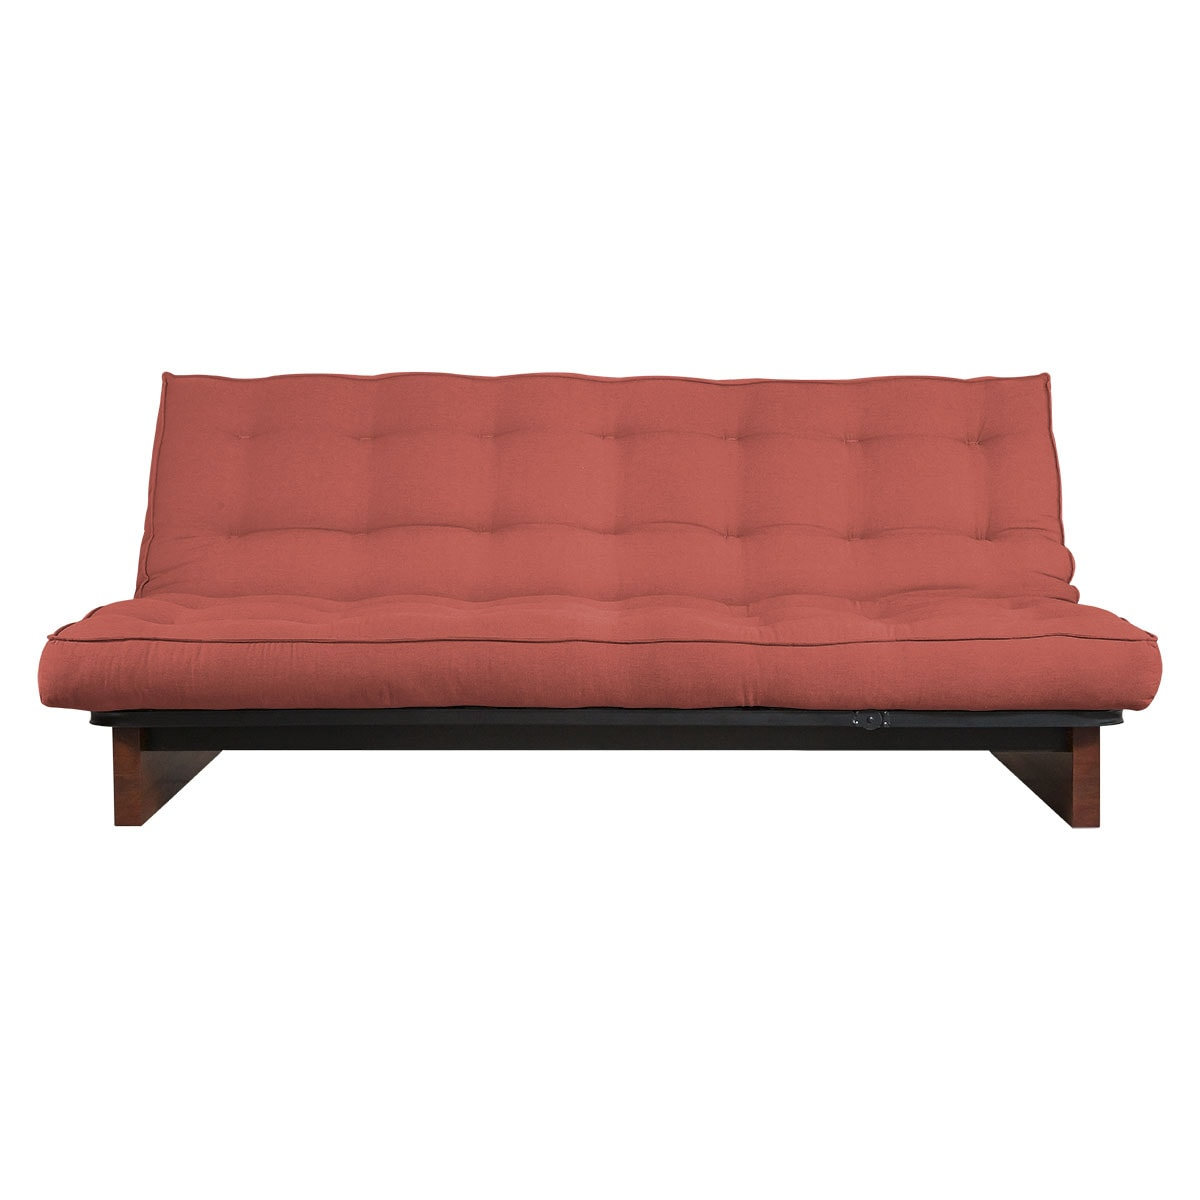 futon company futon company oke 2 seater solid oak sofa bed 949 rrp sofa futon futon company. Black Bedroom Furniture Sets. Home Design Ideas